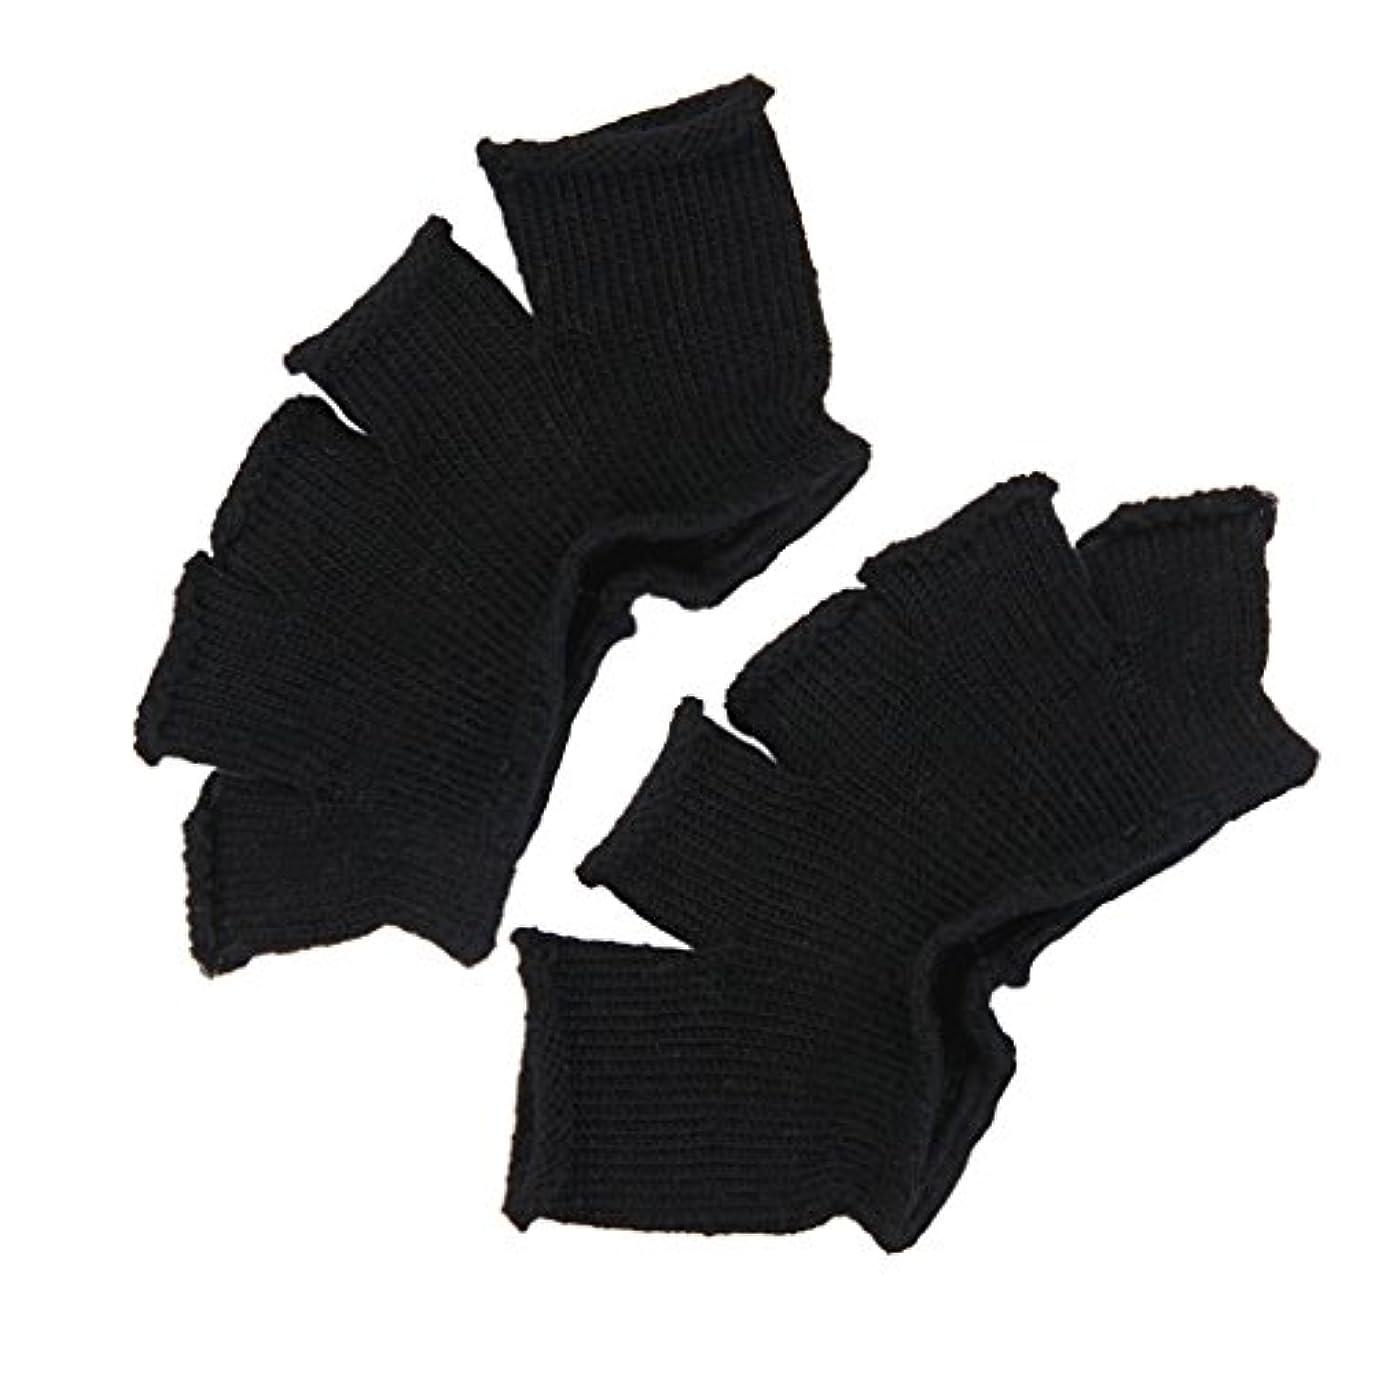 汚い変換率直なFootful 5本指カバー 爽快指の間カバー 2枚組 男女兼用 足の臭い対策 抗菌 防臭 フットカバー (ブラック)